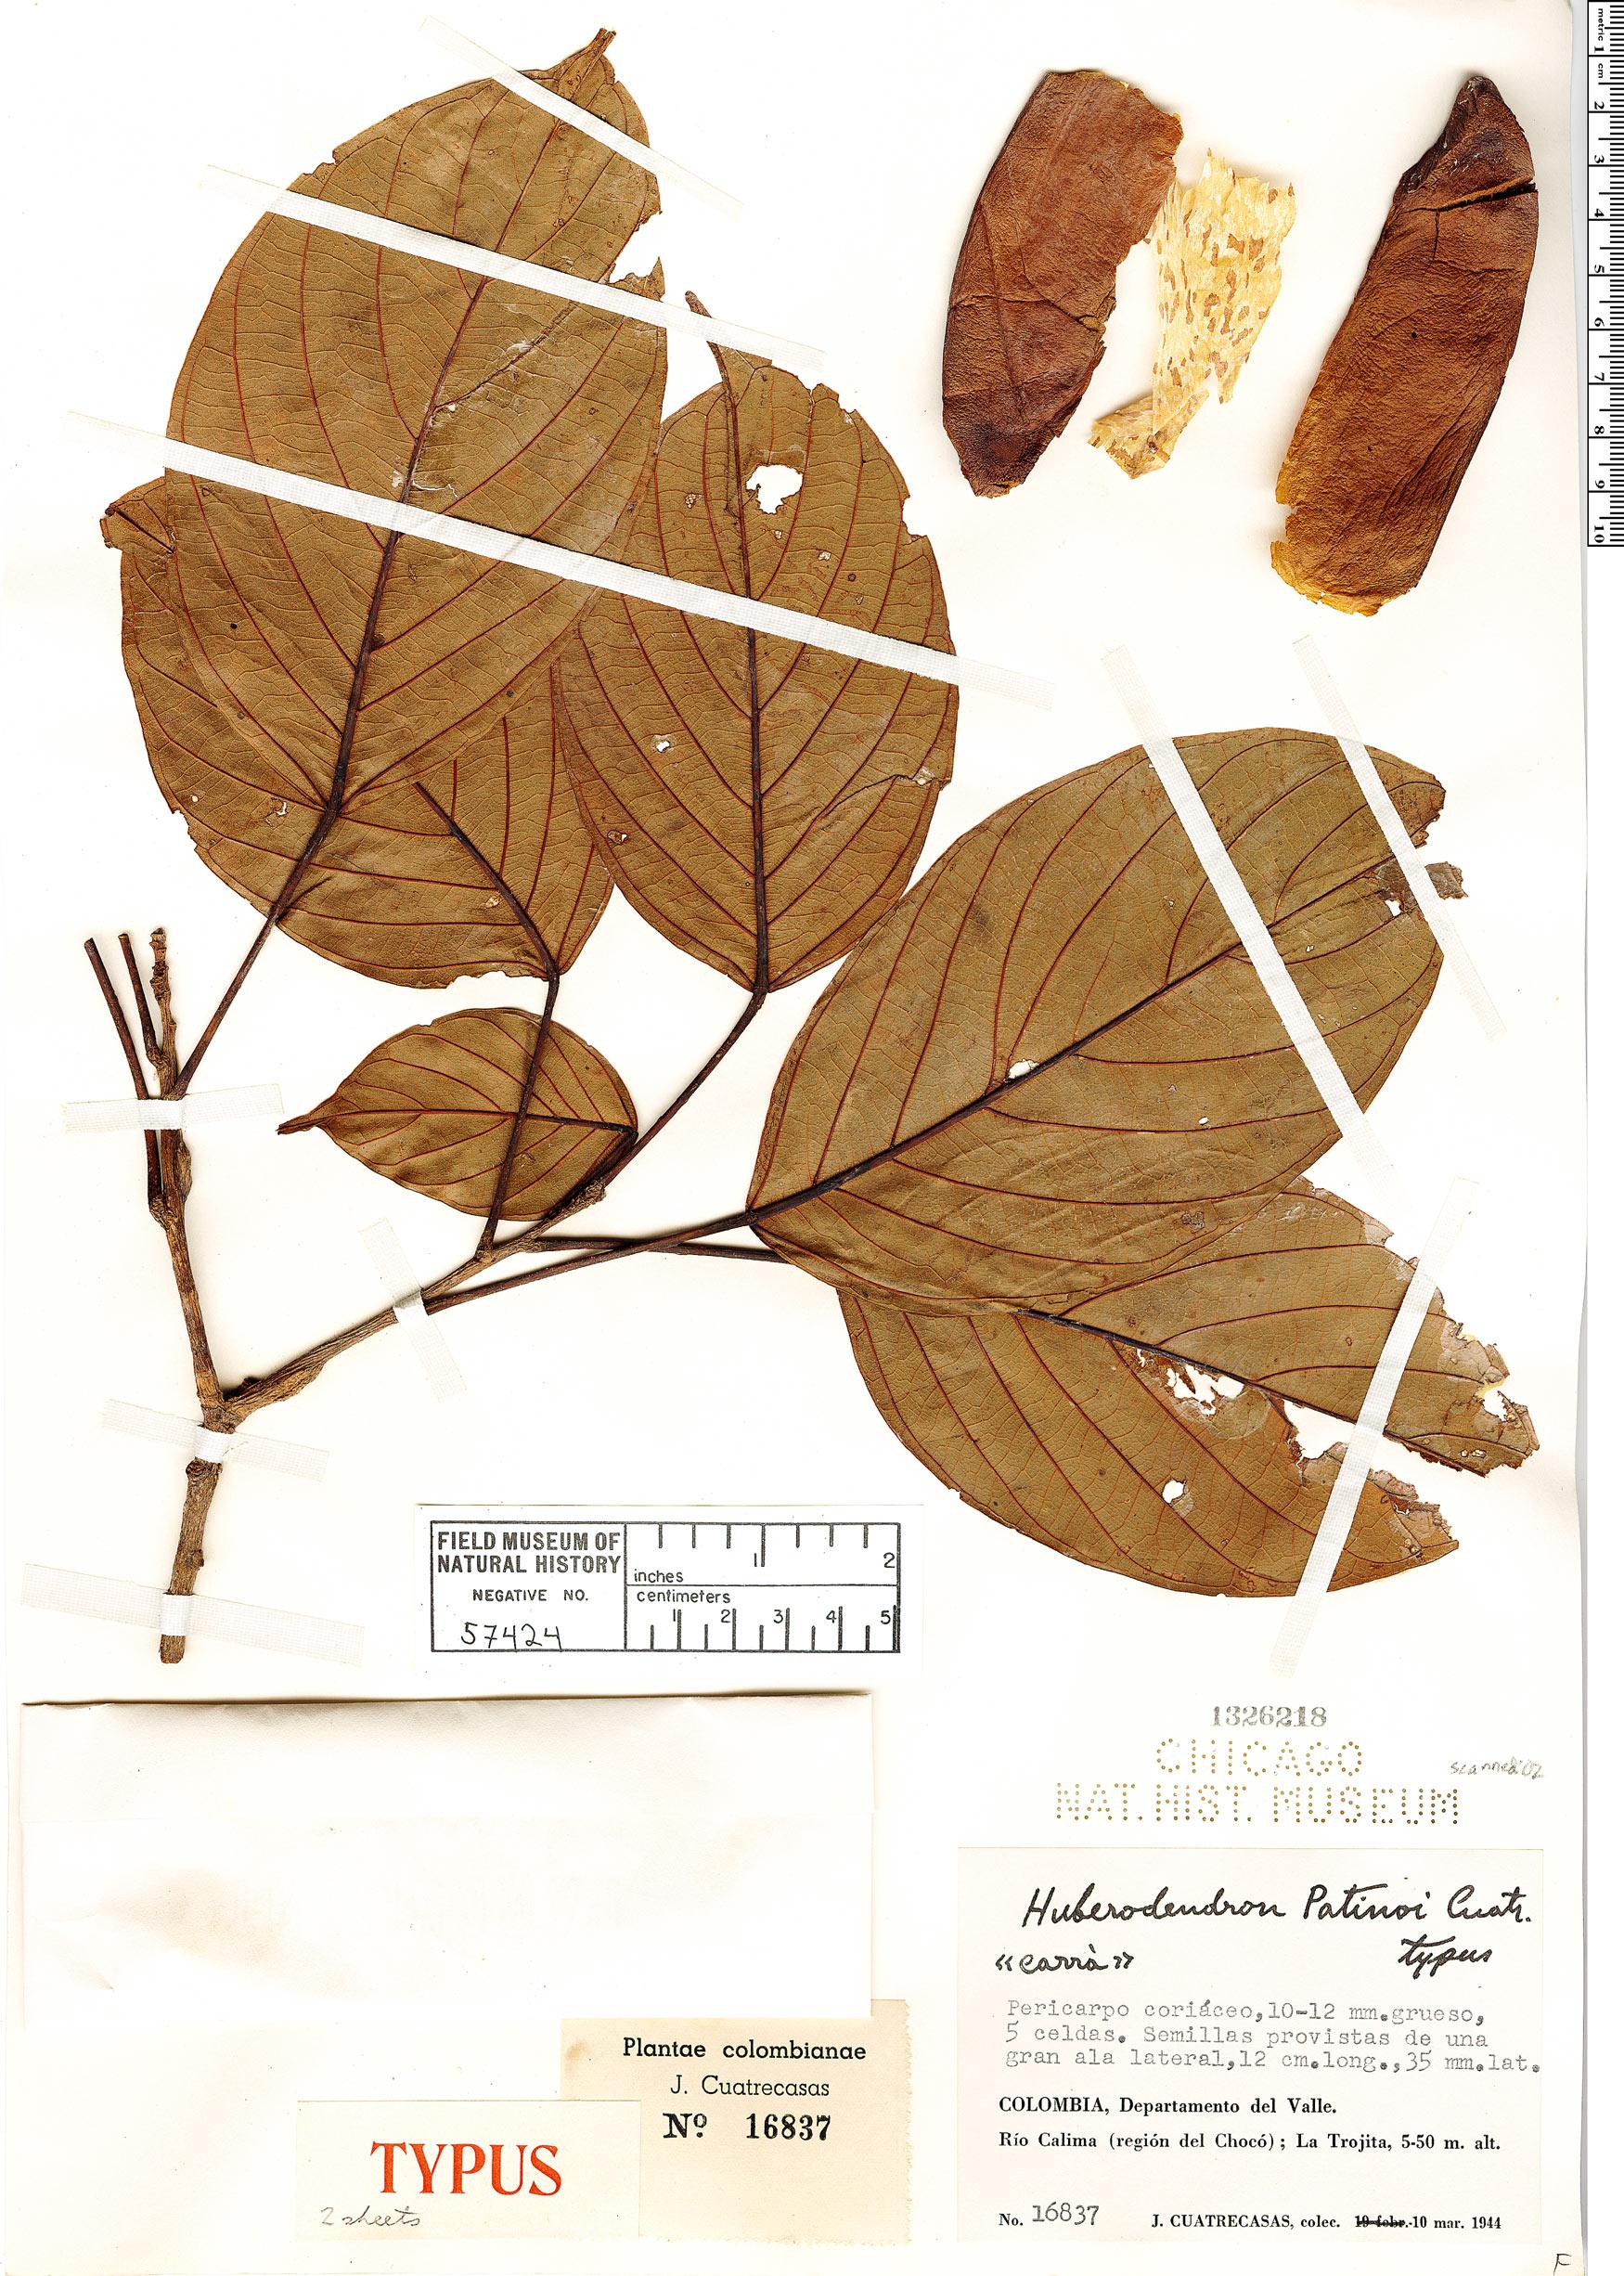 Specimen: Huberodendron patinoi